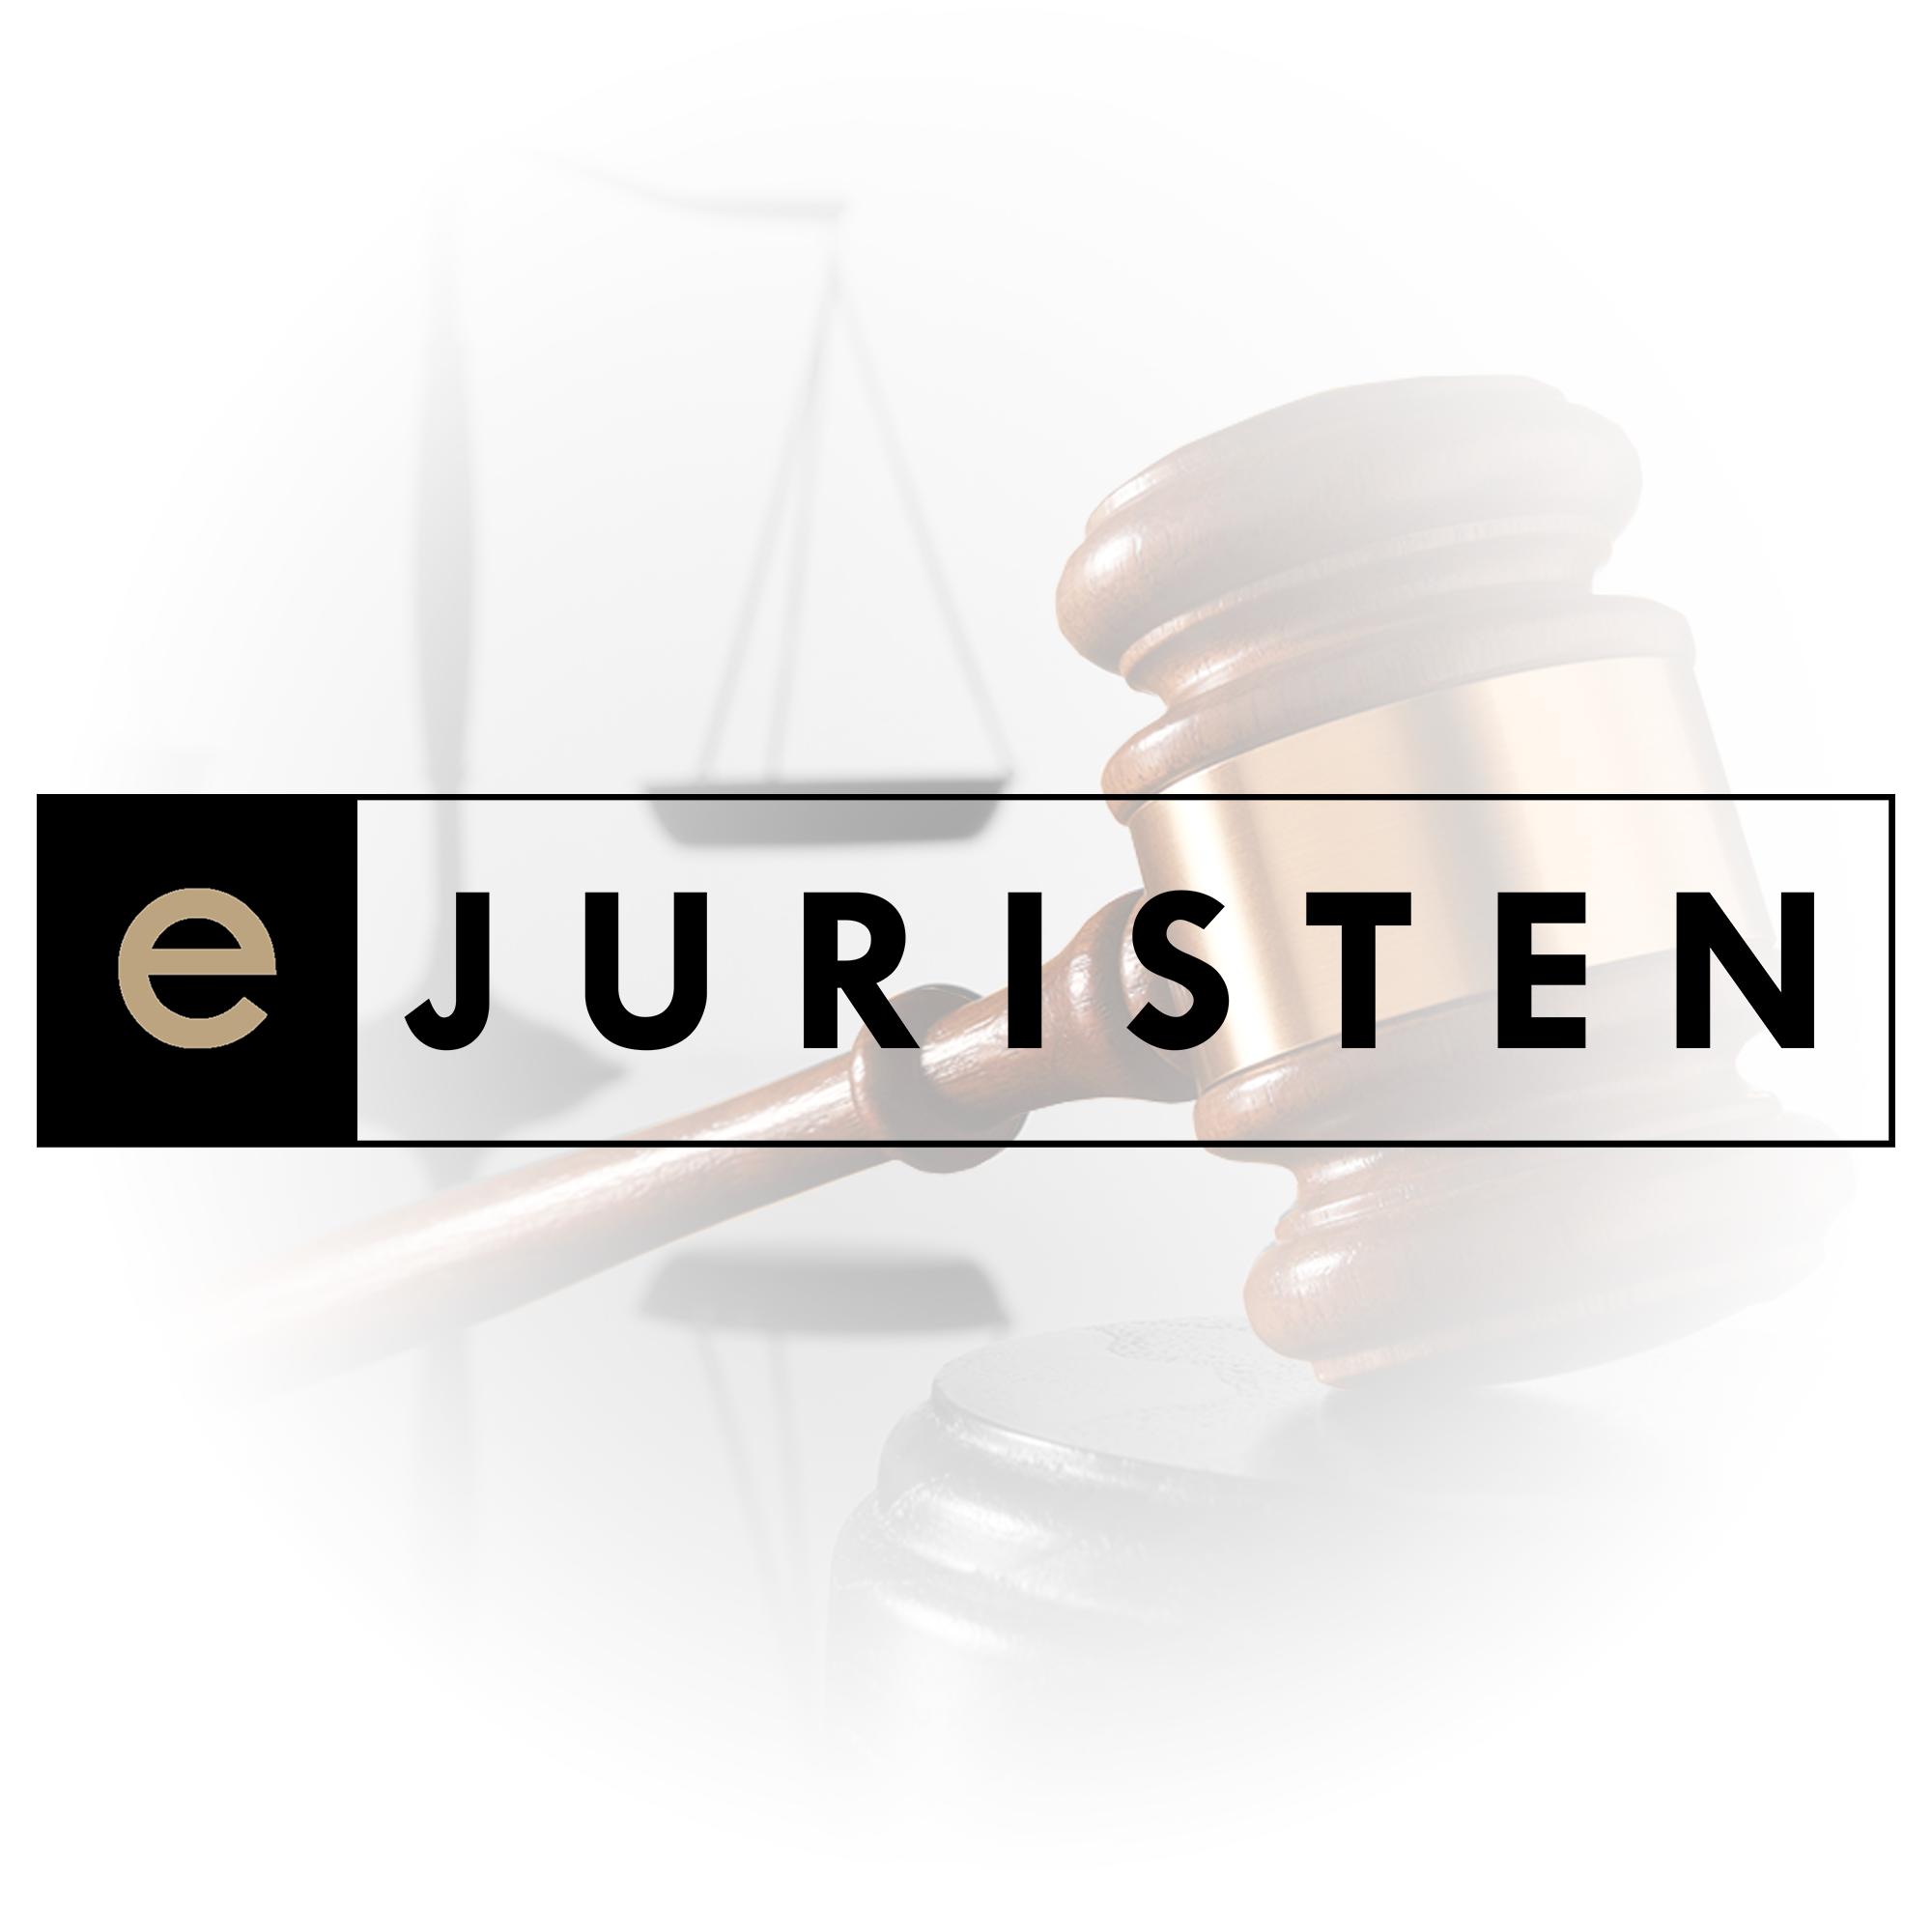 e-Juristen